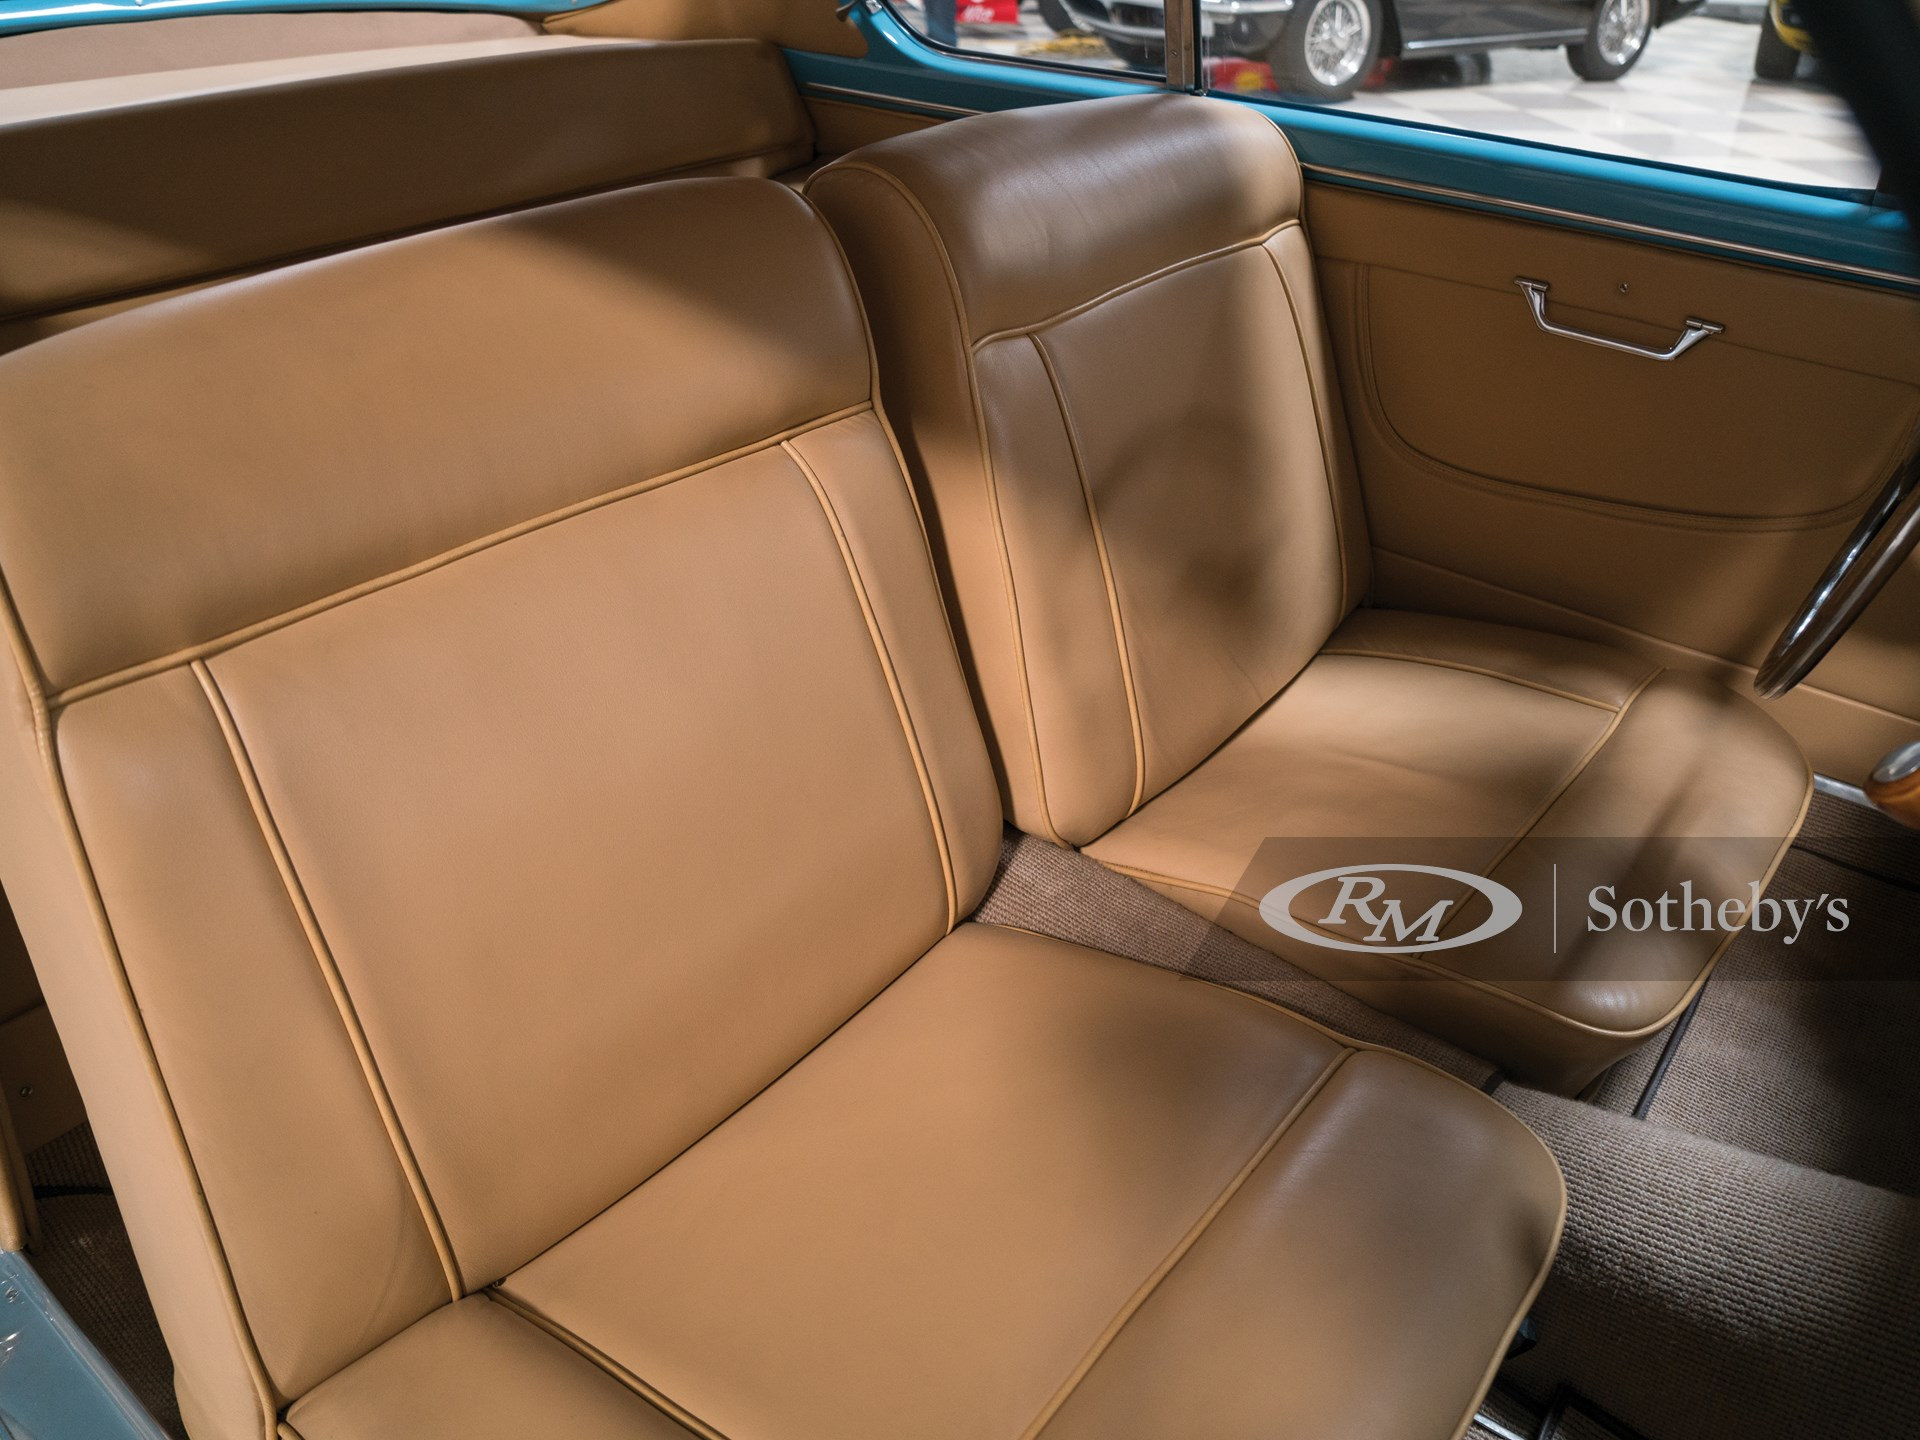 1951 Maserati A6G 2000 Coupe by Pinin Farina -